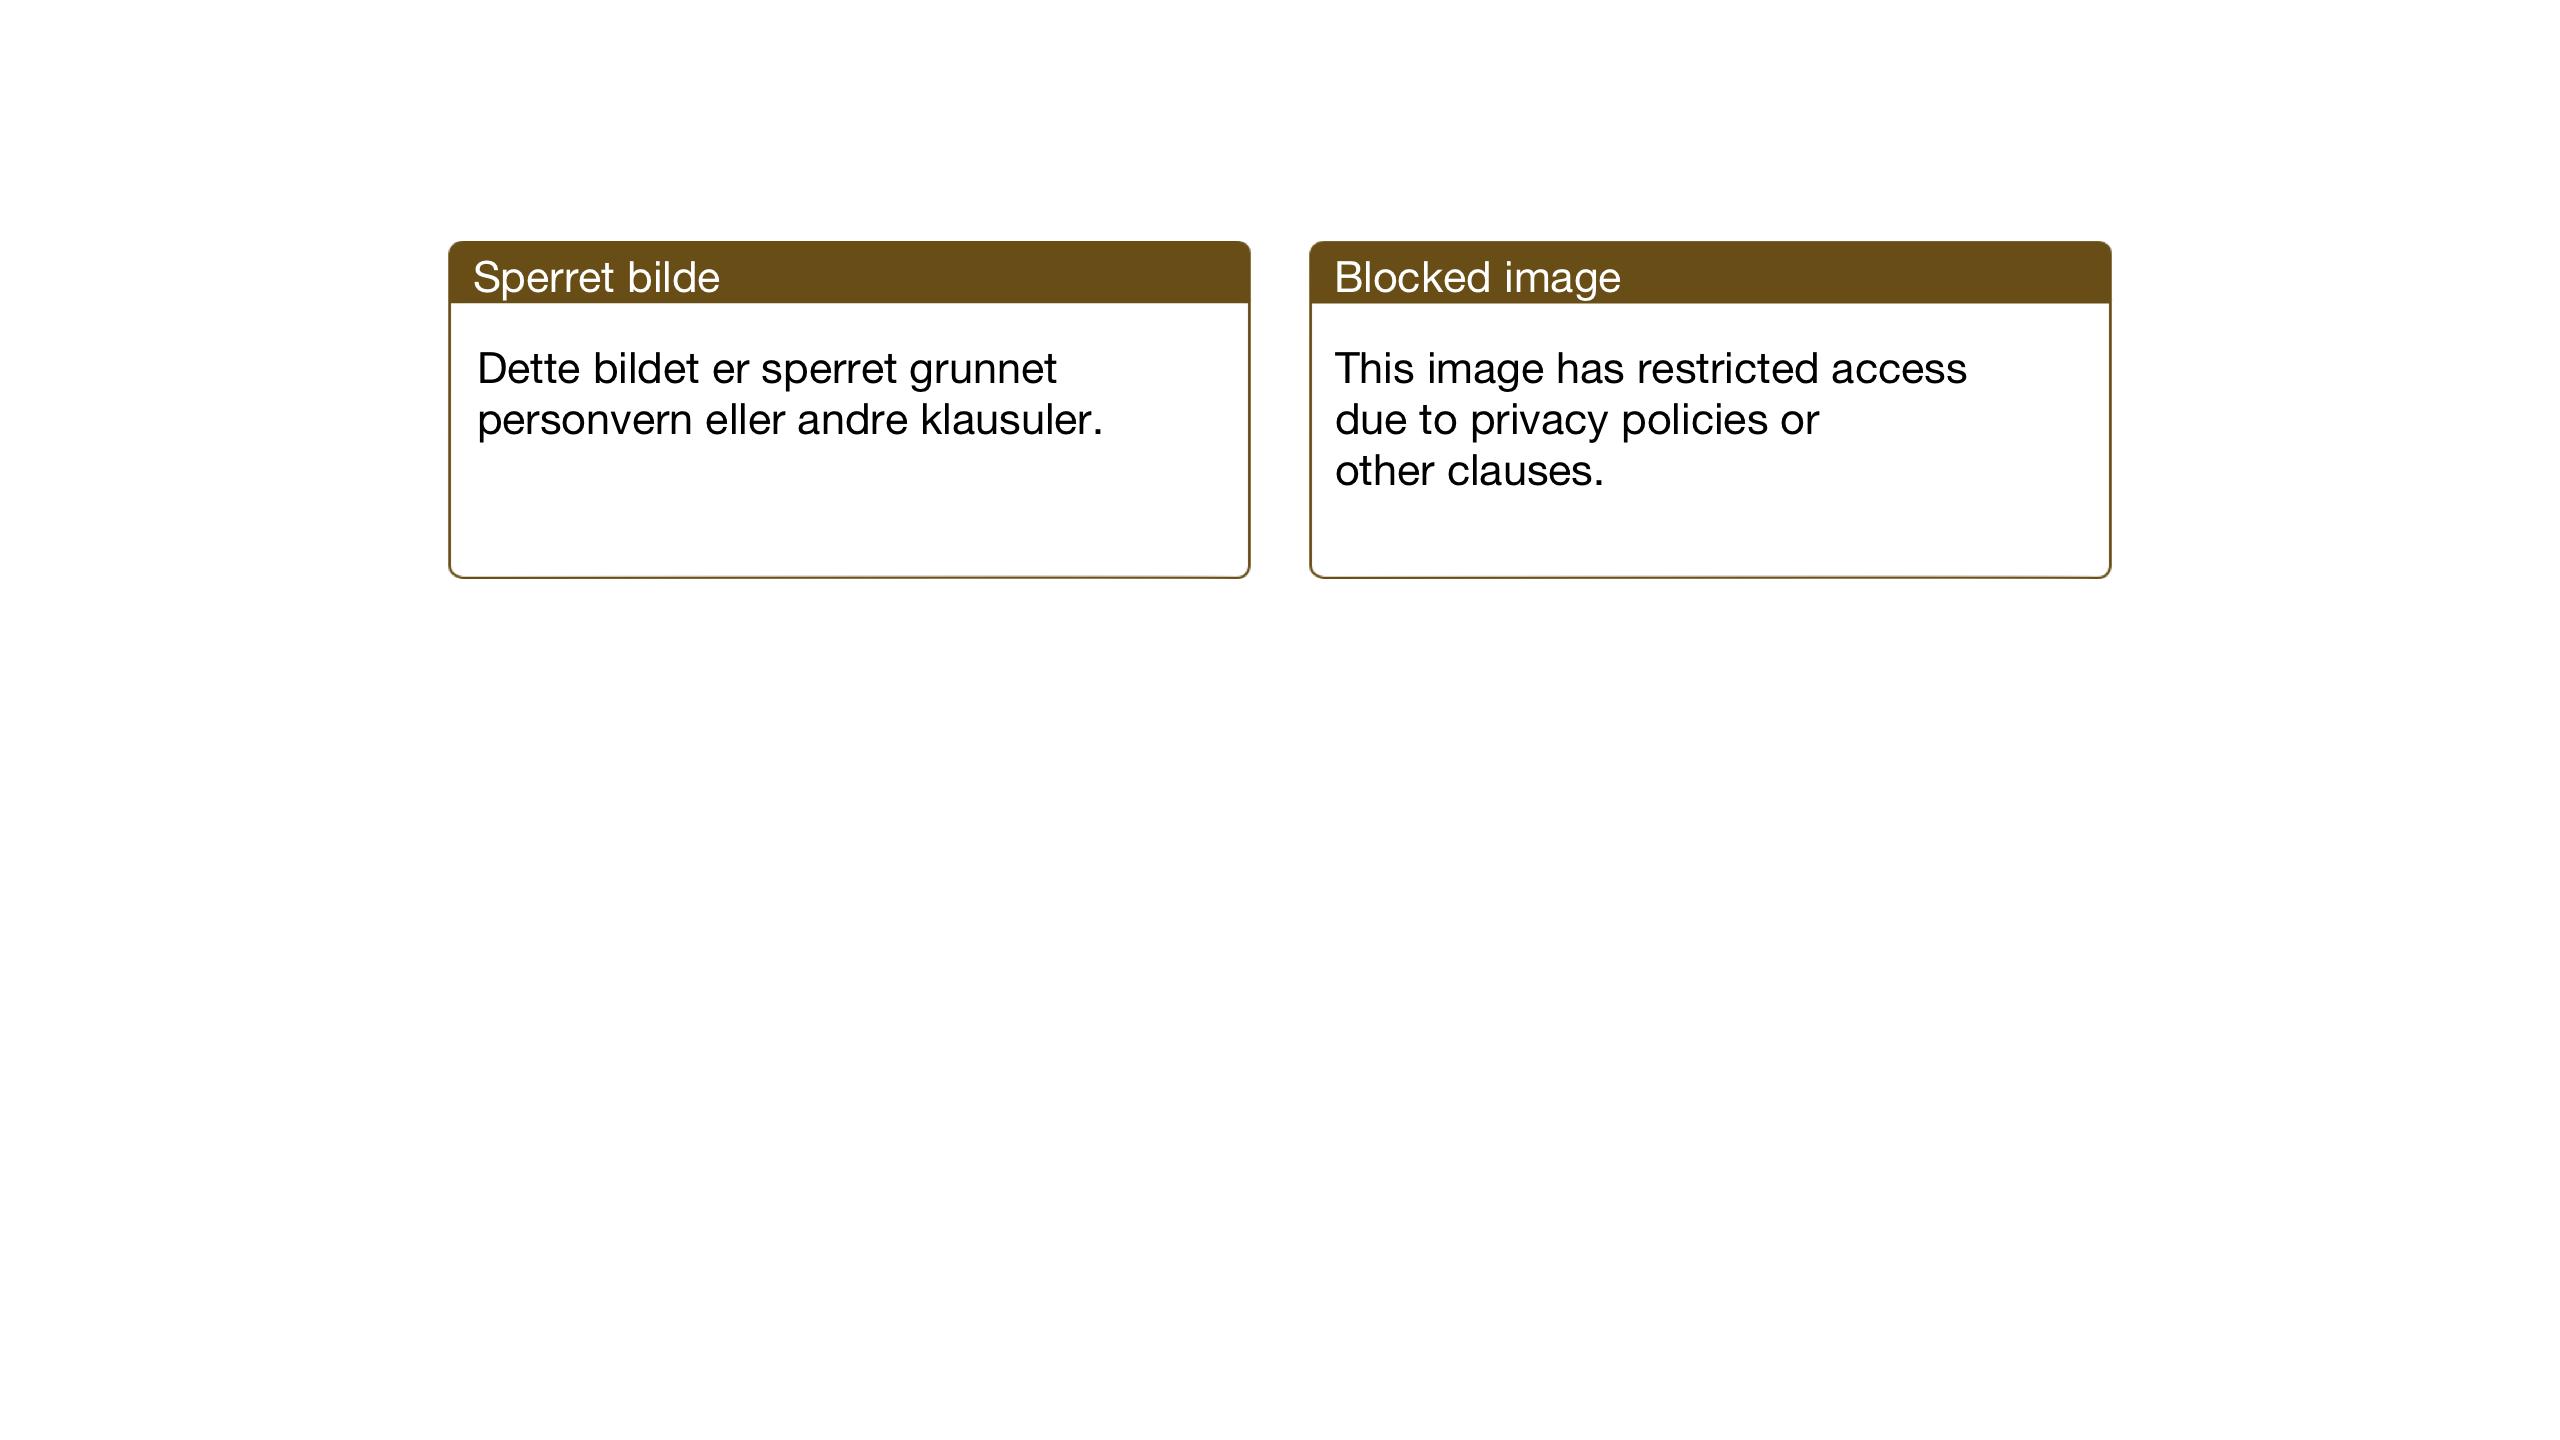 SAT, Ministerialprotokoller, klokkerbøker og fødselsregistre - Sør-Trøndelag, 655/L0690: Klokkerbok nr. 655C06, 1937-1950, s. 149